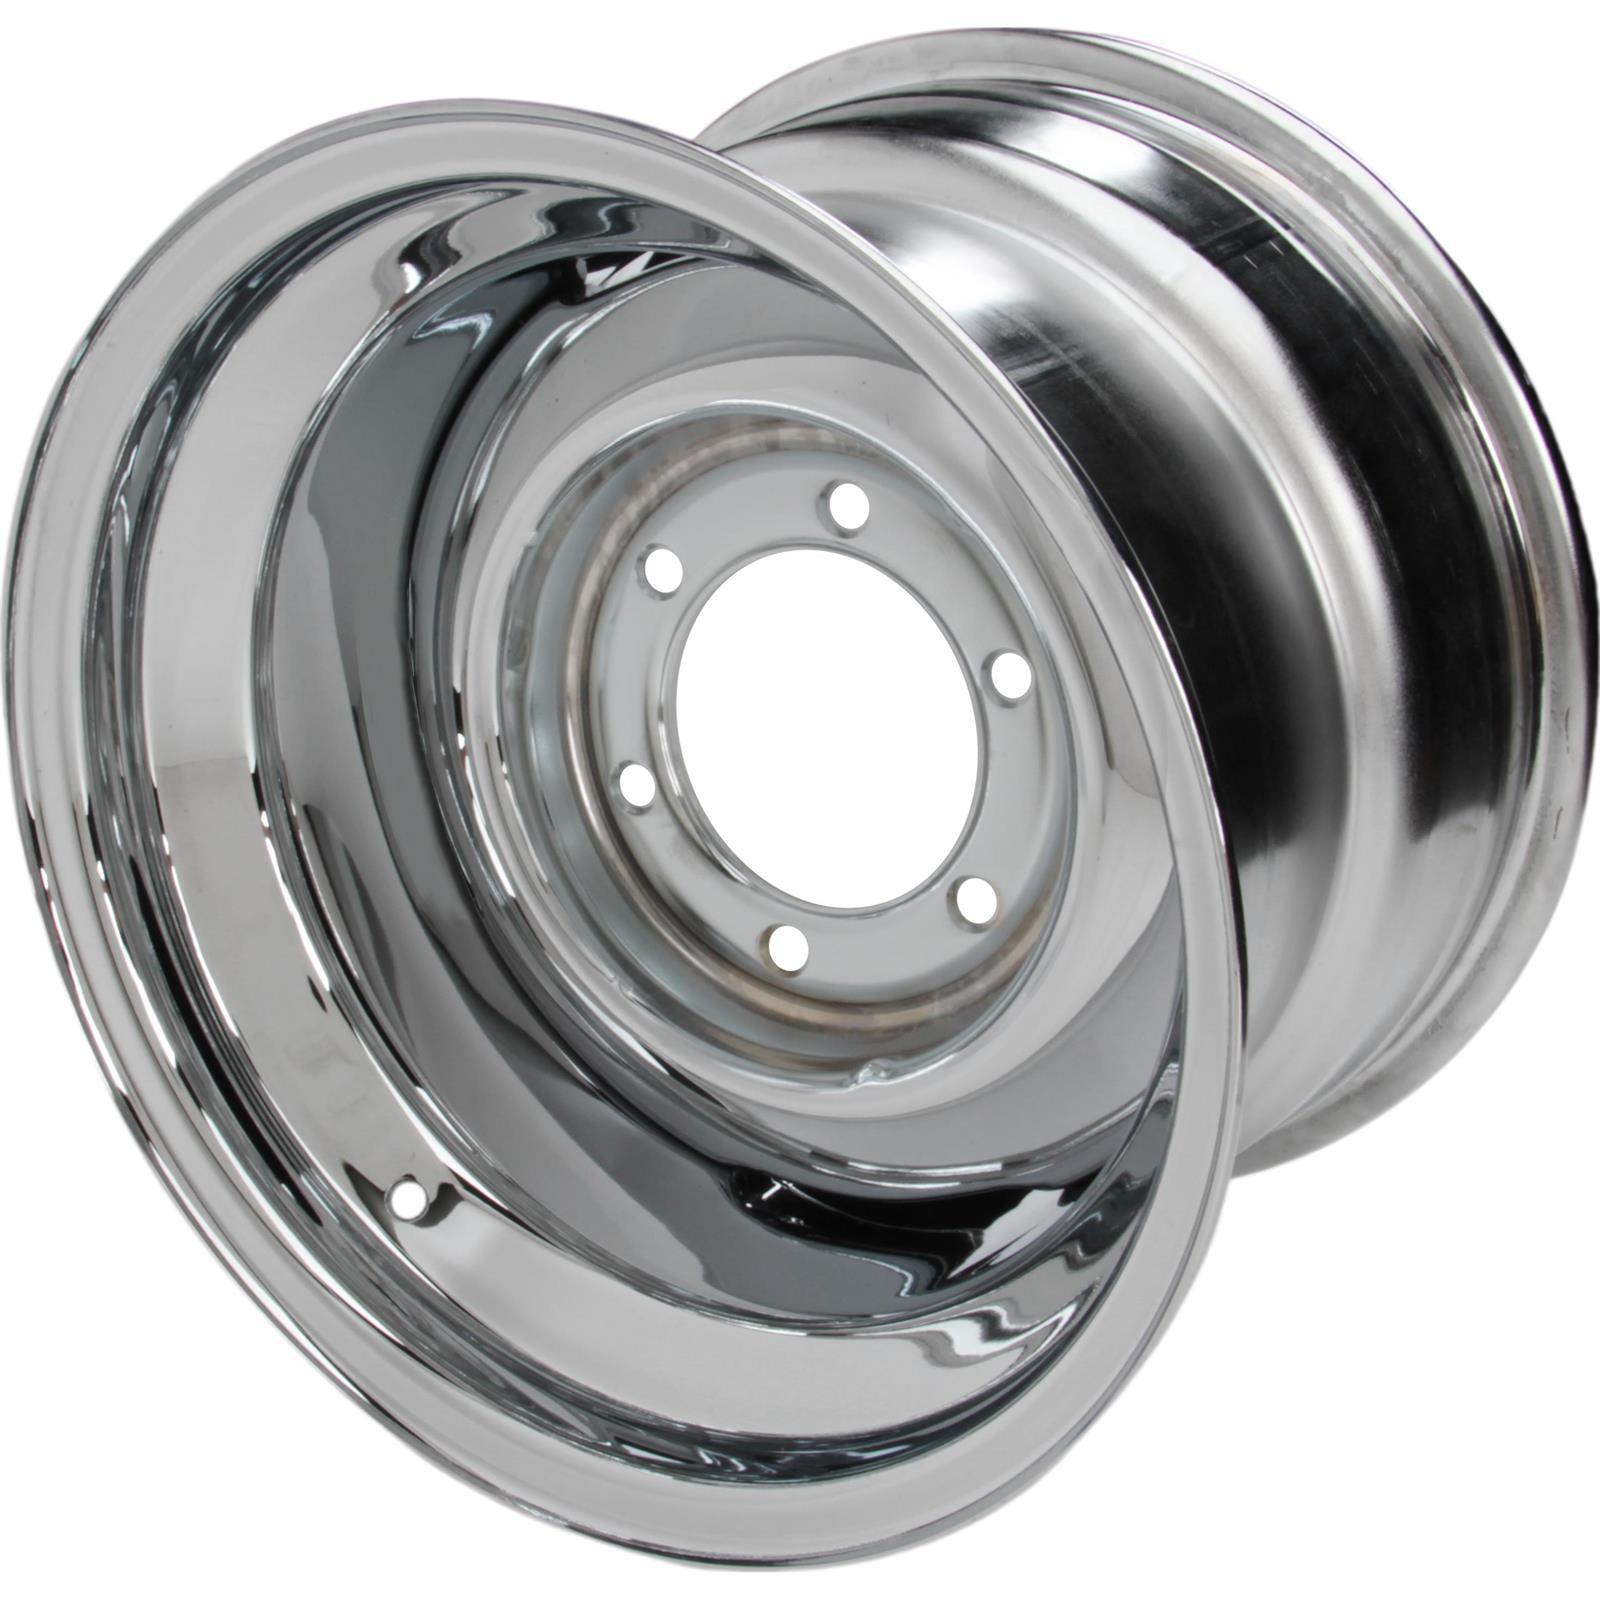 Speedway Smoothie 15x10  Steel Wheel, 6 on 5.5, 4.5 BS